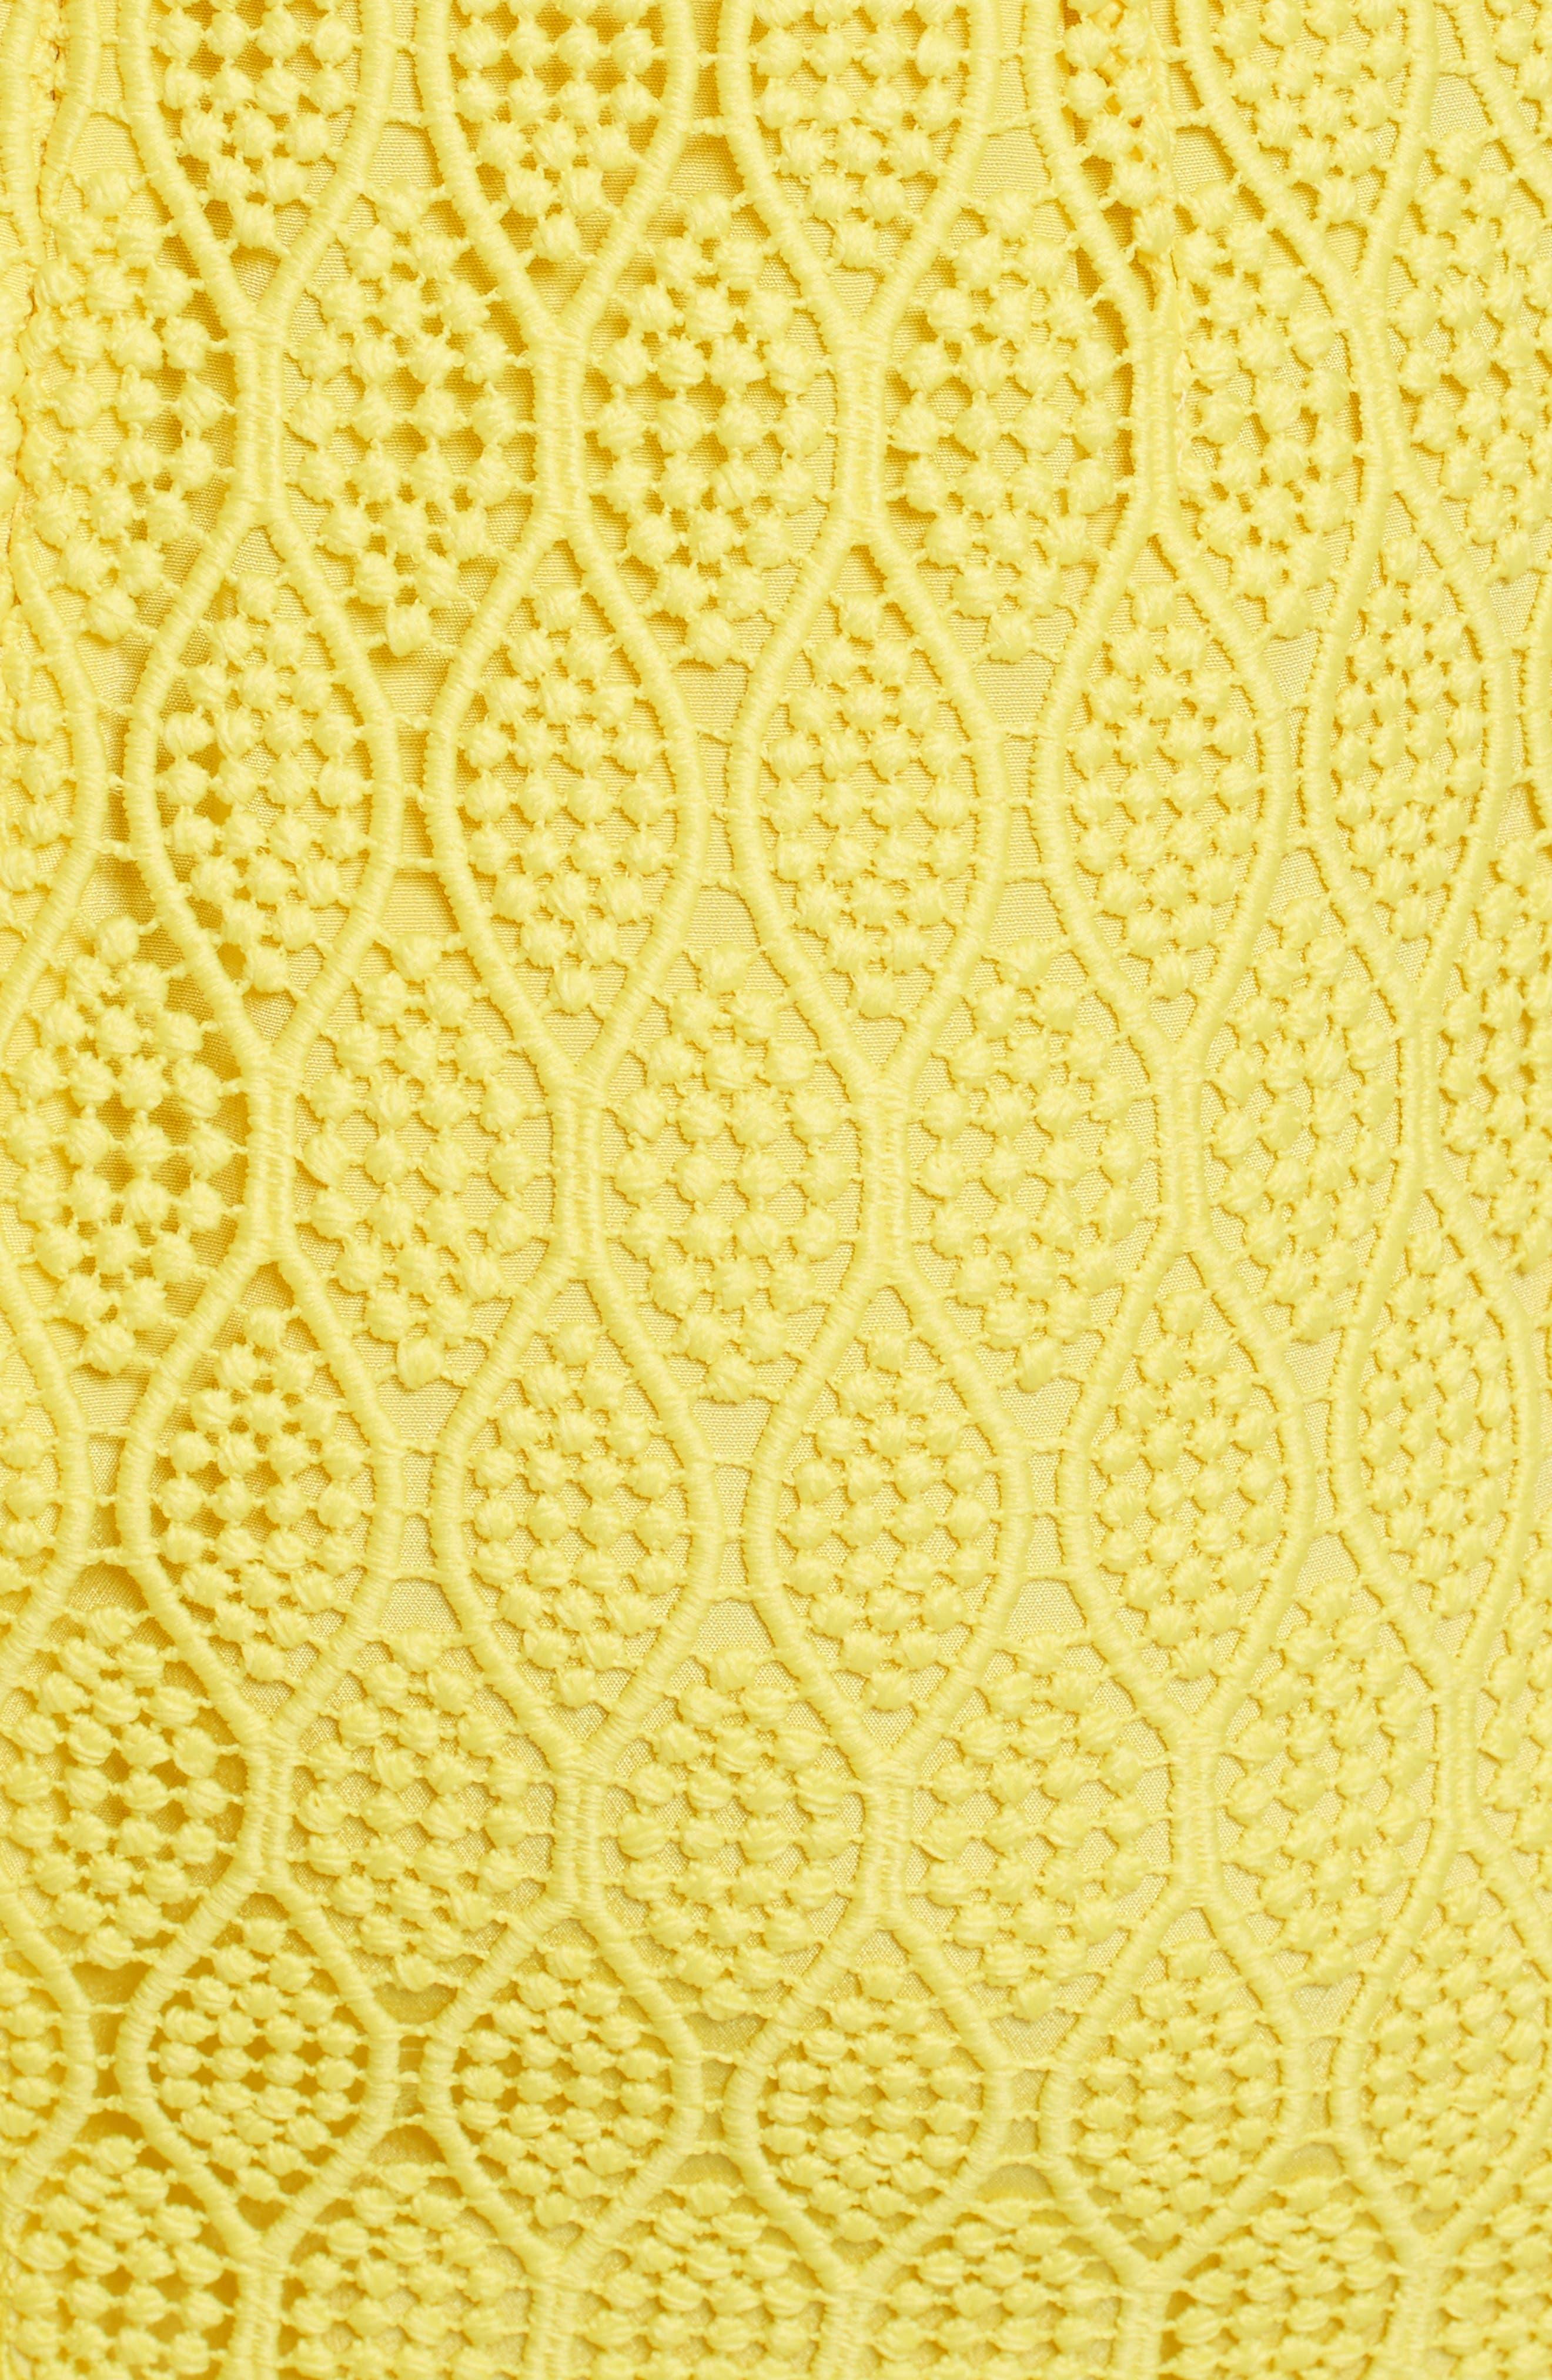 Lace Midi Sheath Dress,                             Alternate thumbnail 5, color,                             732